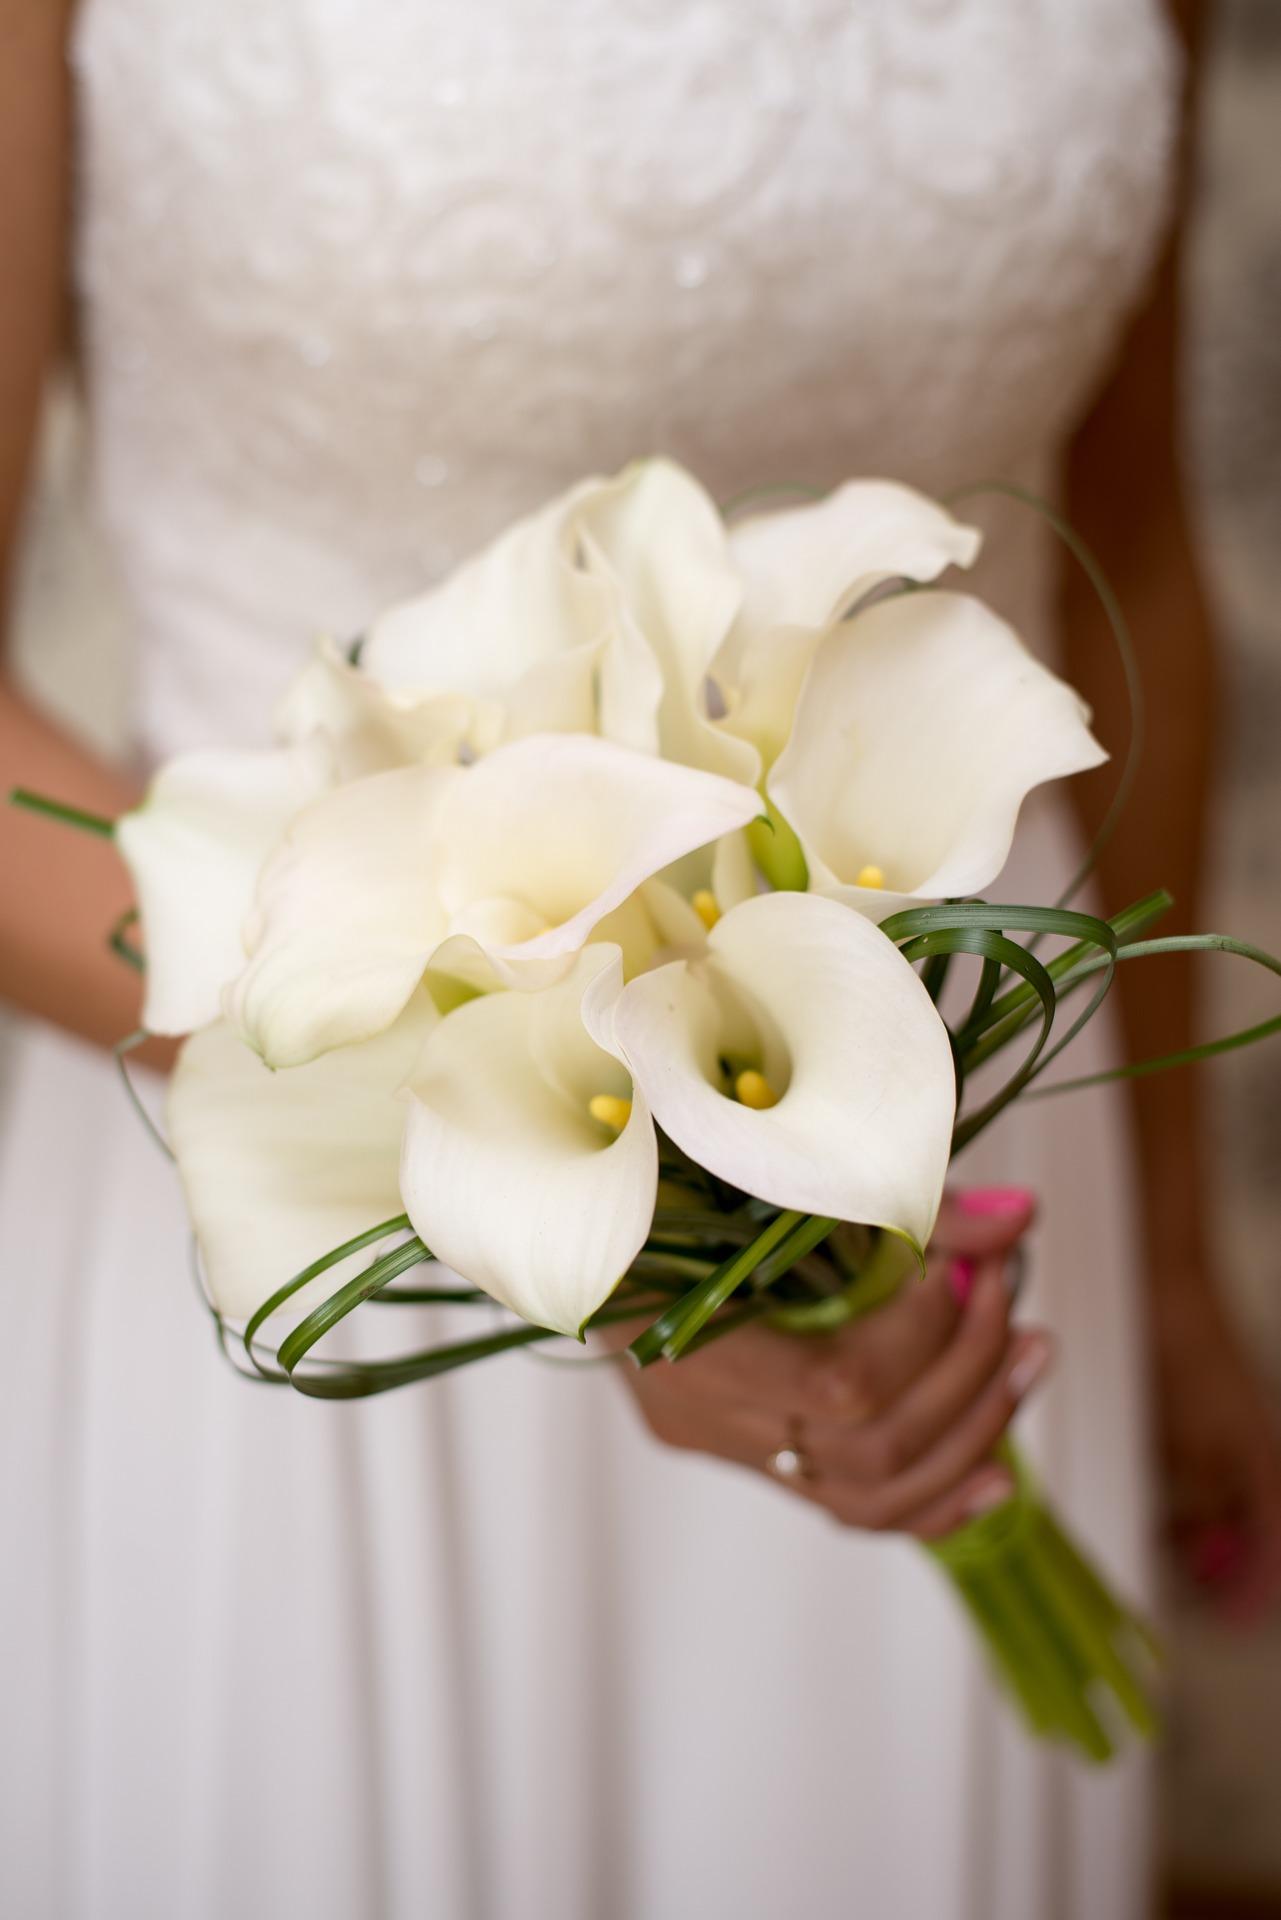 bouquet-997599_1920.jpg